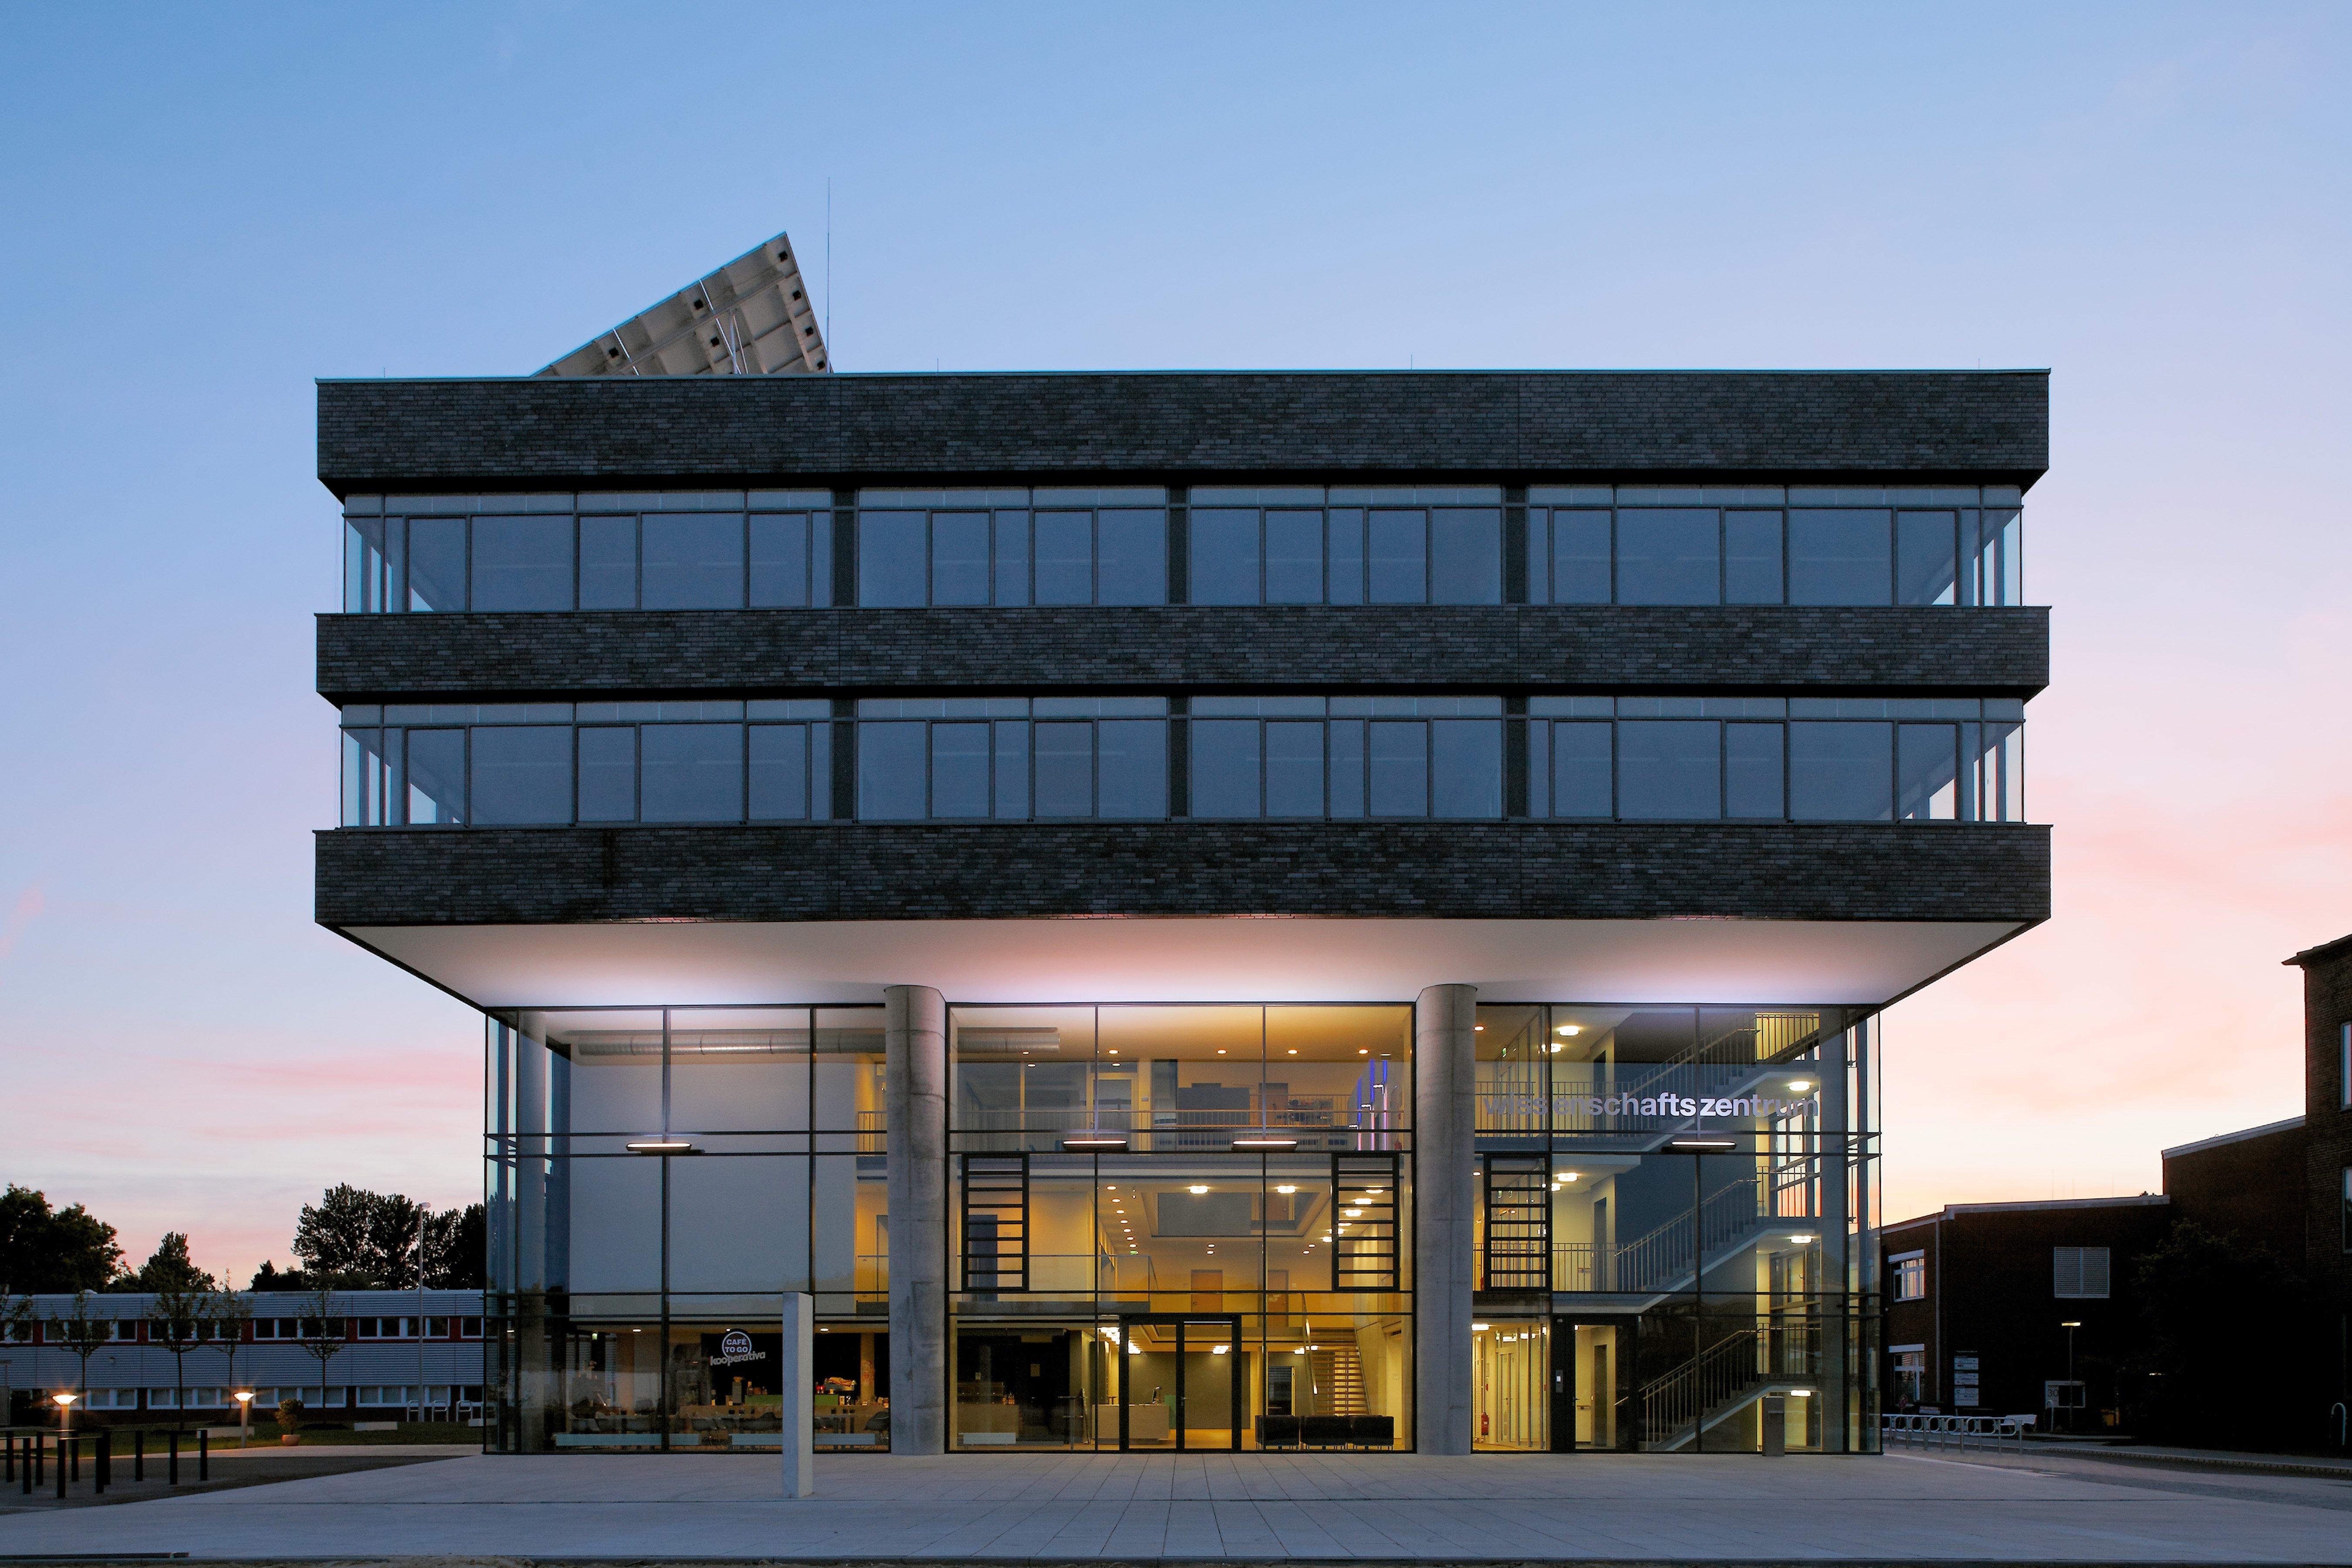 Wissenschaftszentrum